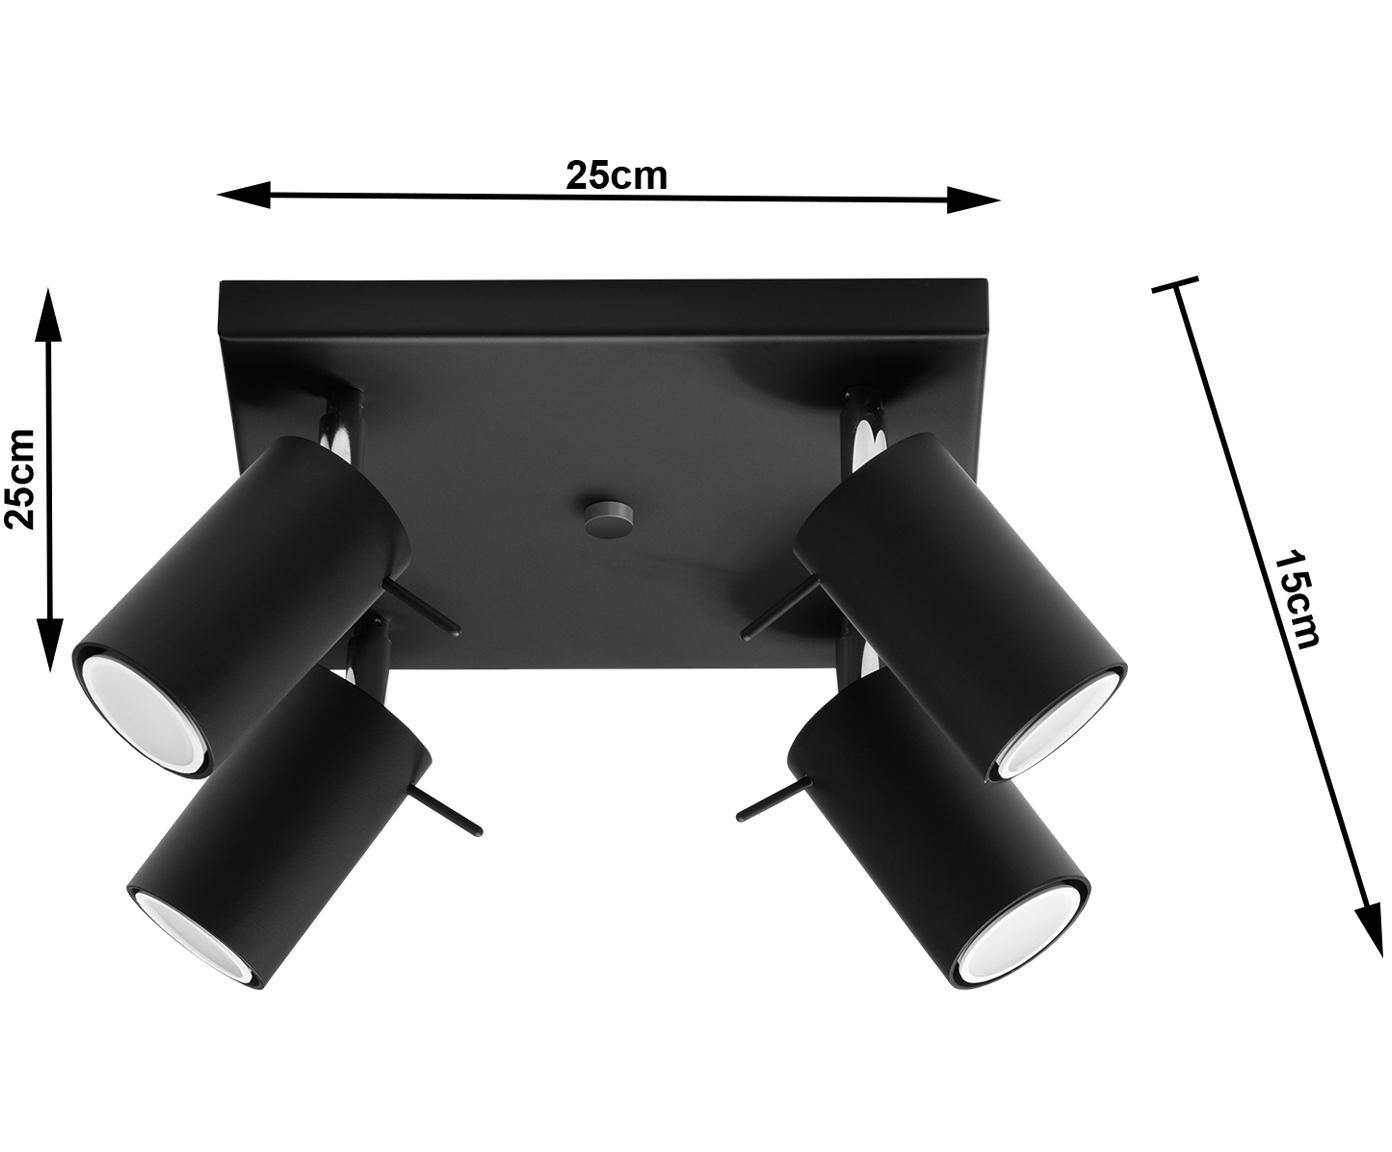 Deckenstrahler Etna in Schwarz, Stahl, Schwarz, 25 x 15 cm